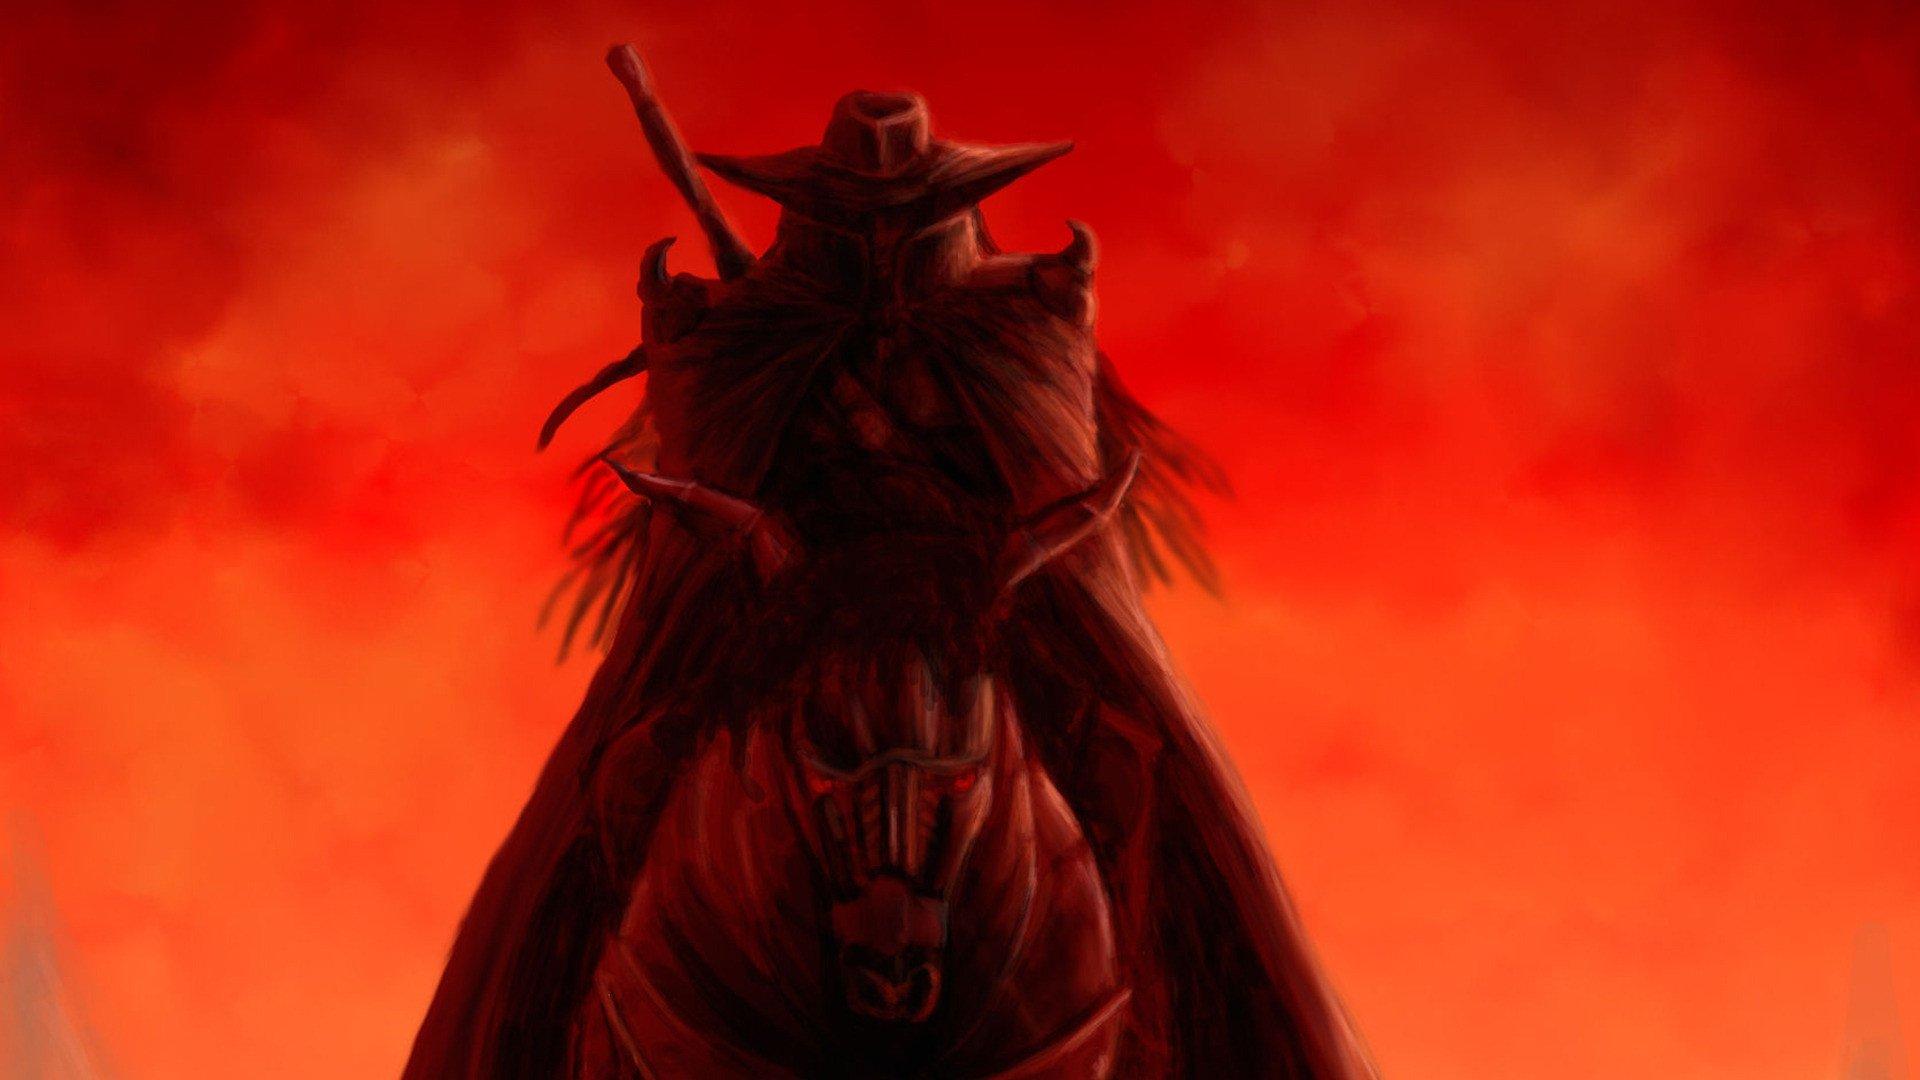 Anime - Vampire Hunter D  Wallpaper